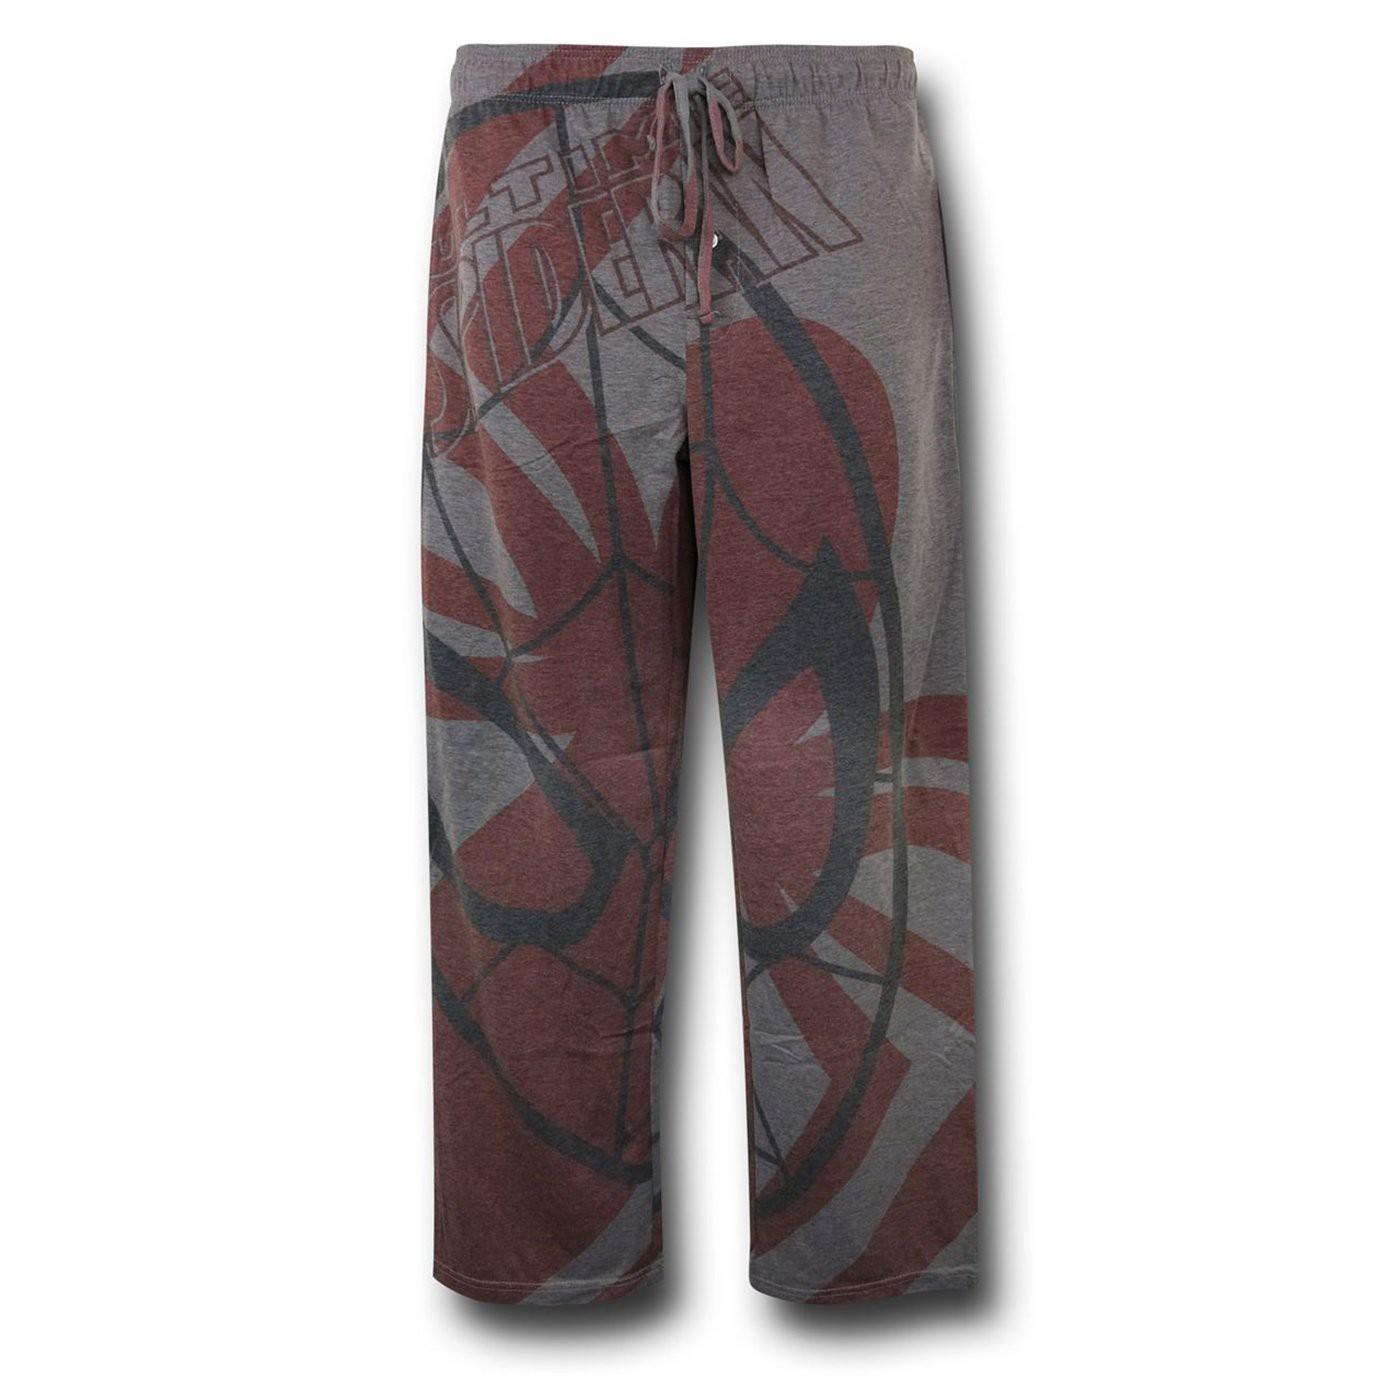 Spiderman Big Face Men's Pajama Pants